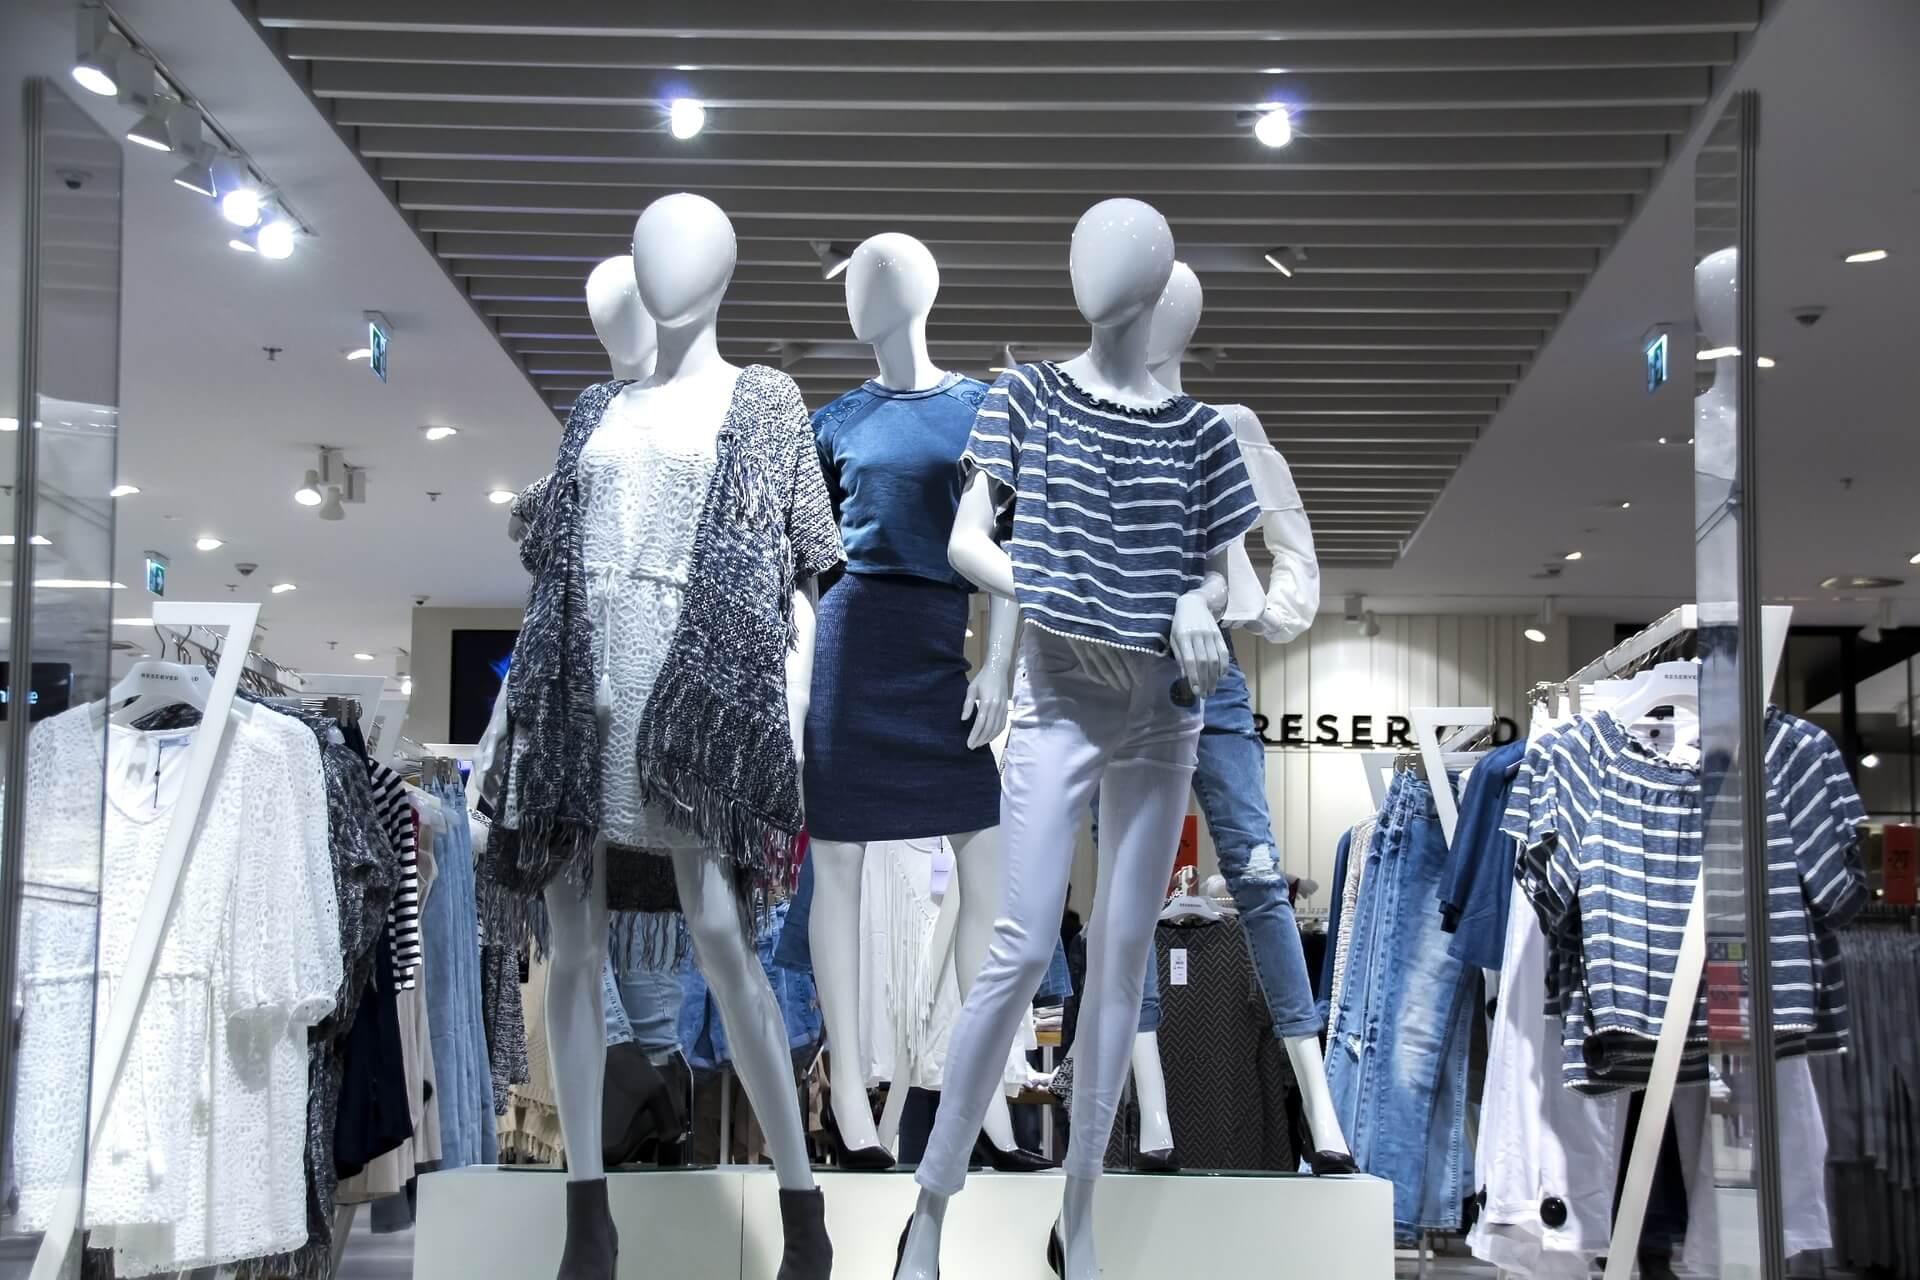 Schaufesnter eines Kleidungsgeschäfts mit Schaufensterpuppen